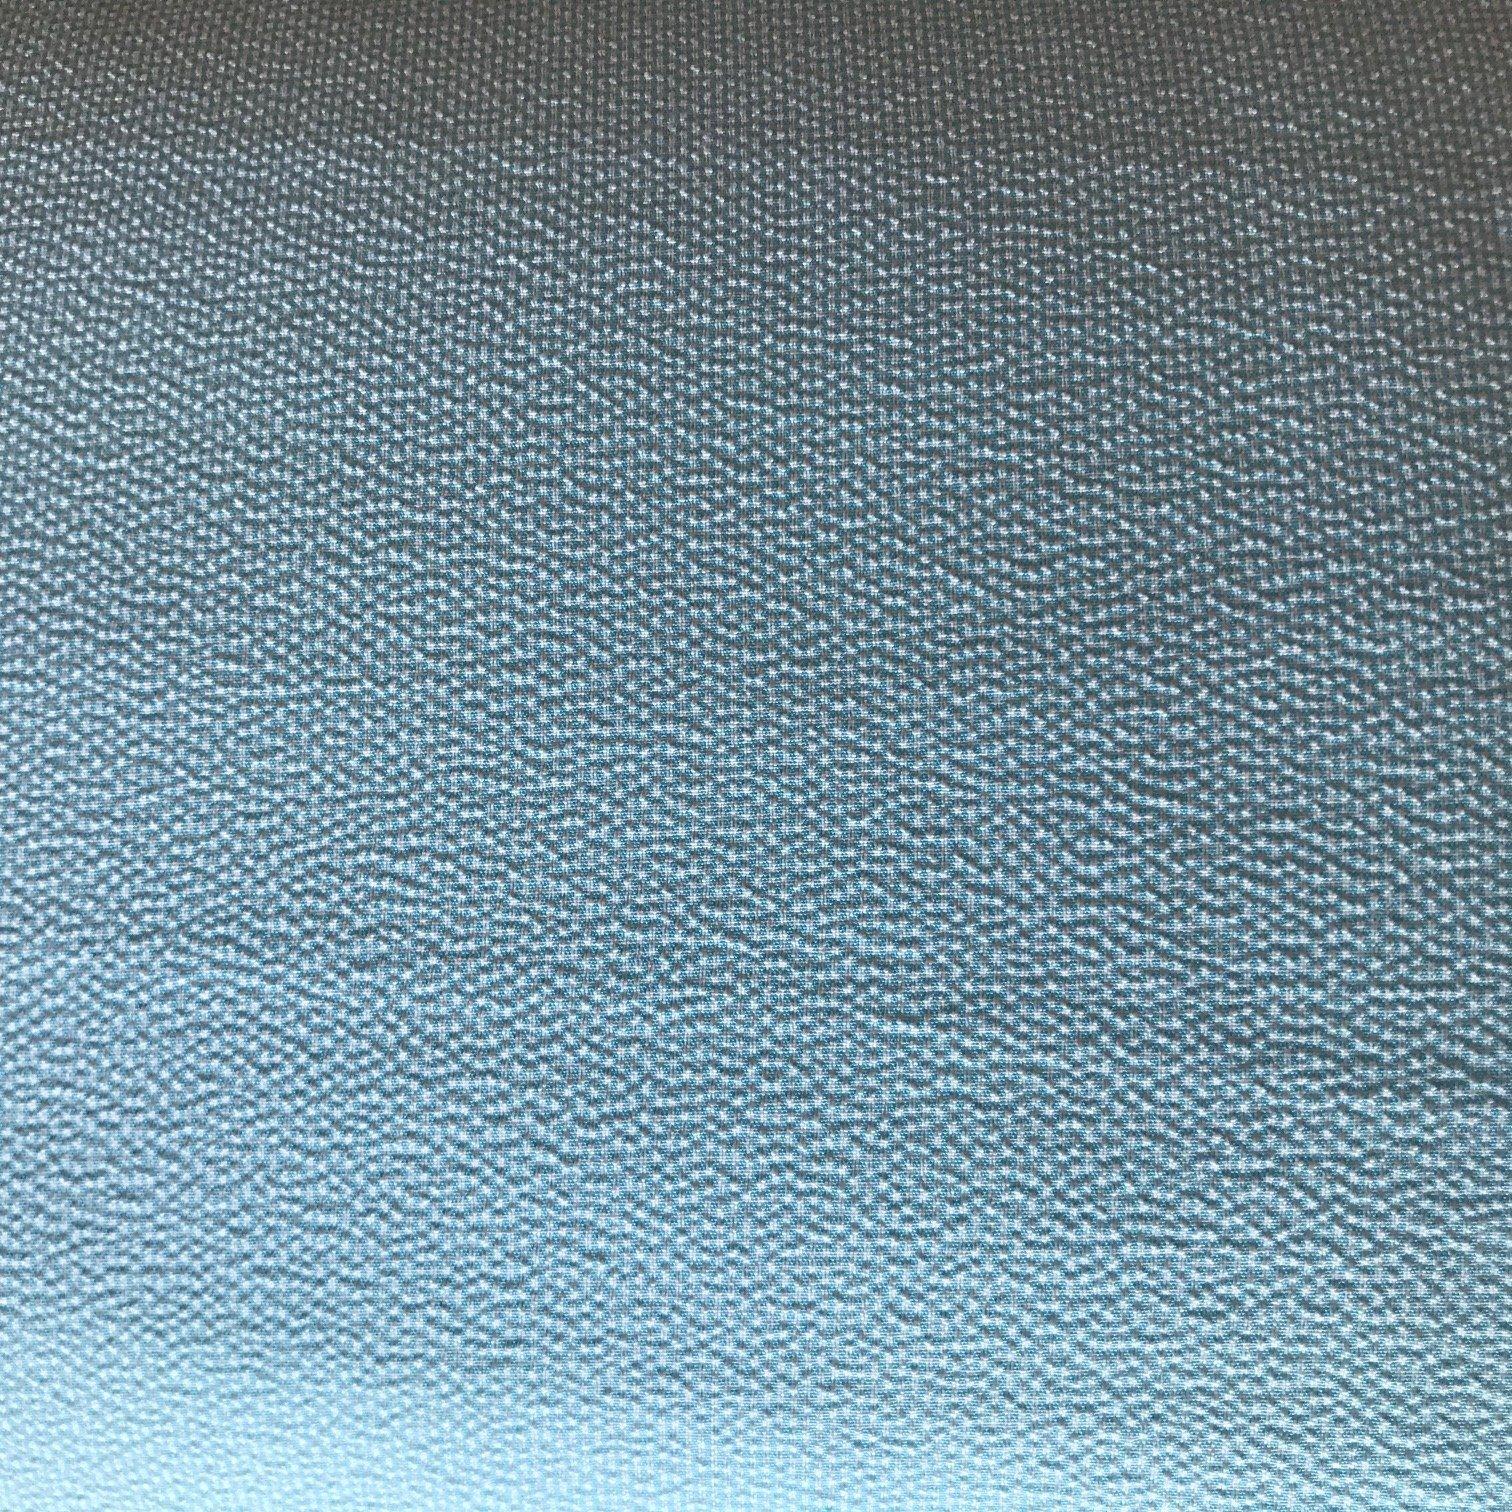 Aqua Seersucker Houndstooth 100% Polyester 58 wide